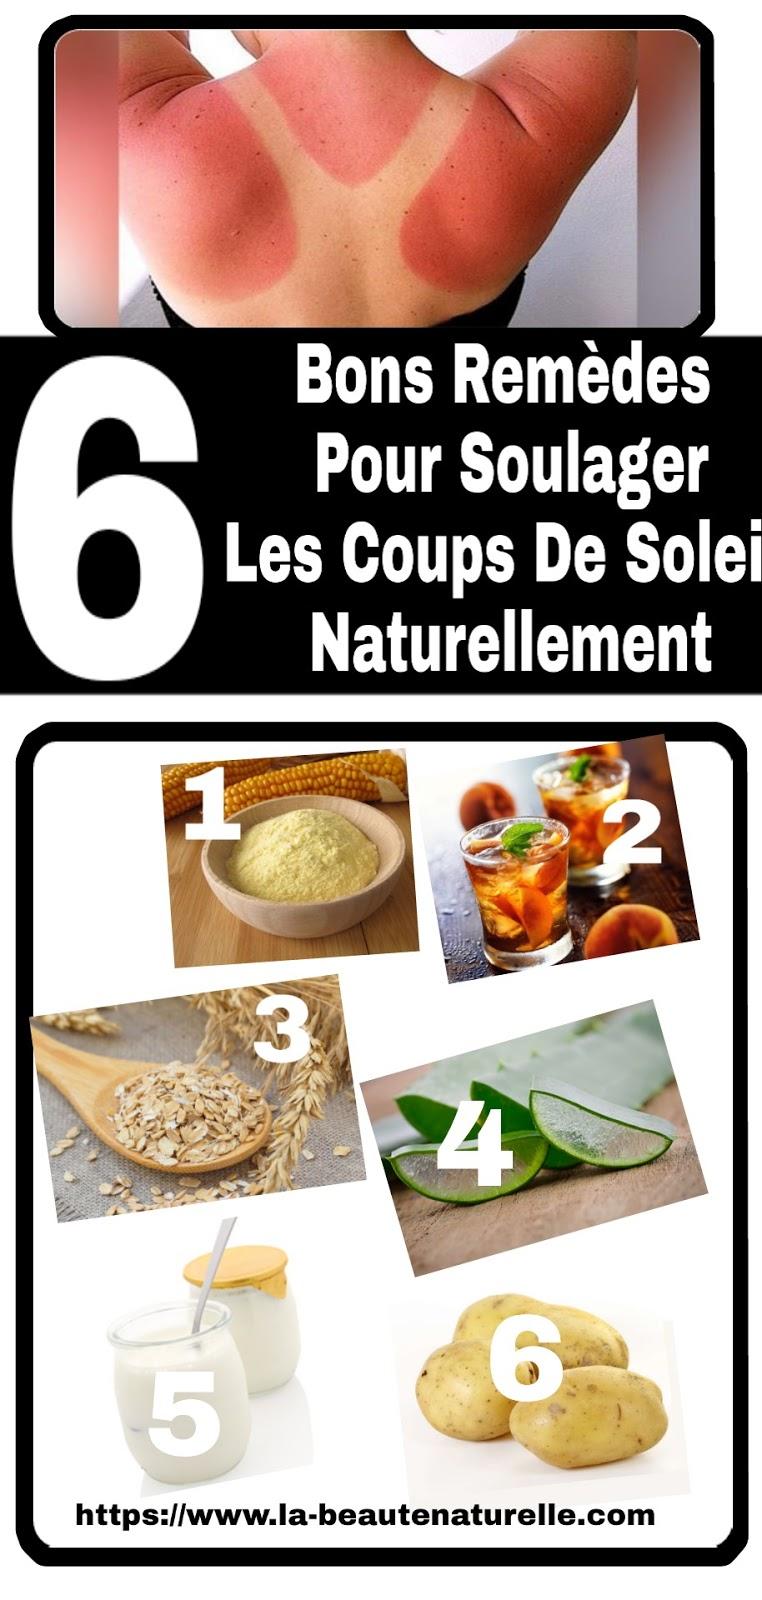 6 Bons Remèdes Pour Soulager Les Coups De Soleil Naturellement